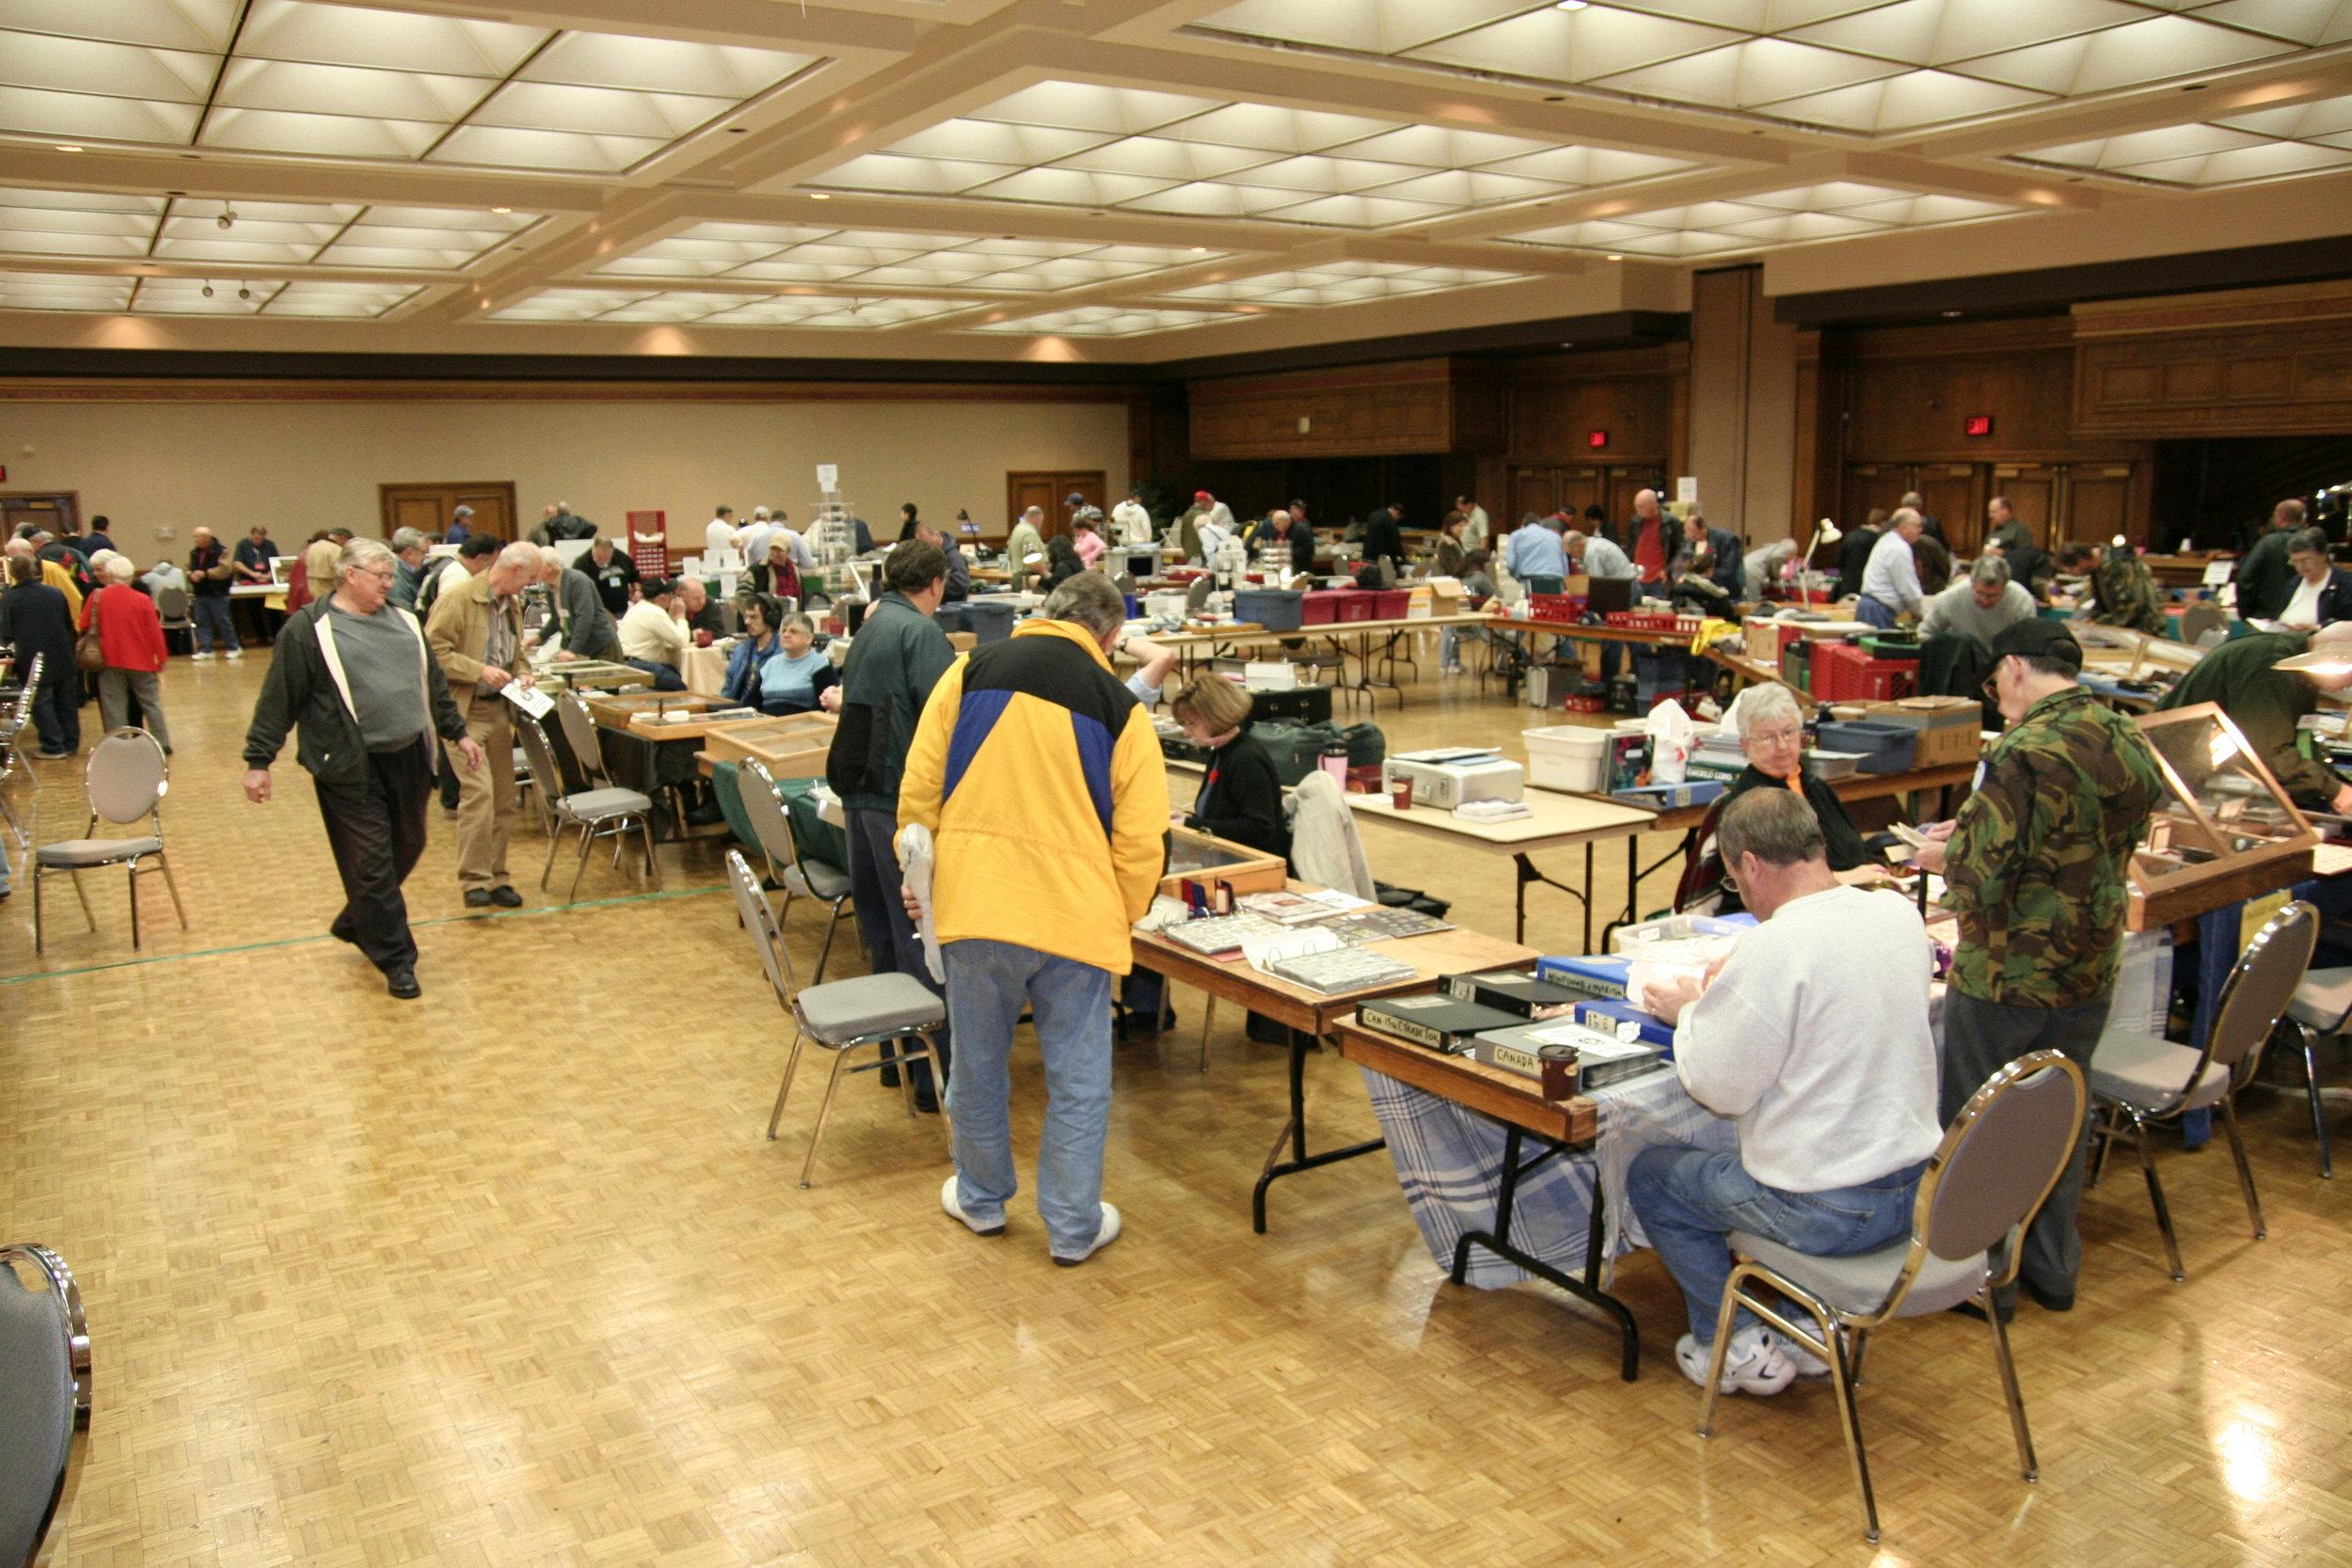 Coin Show Nov 9 2008 011.jpg